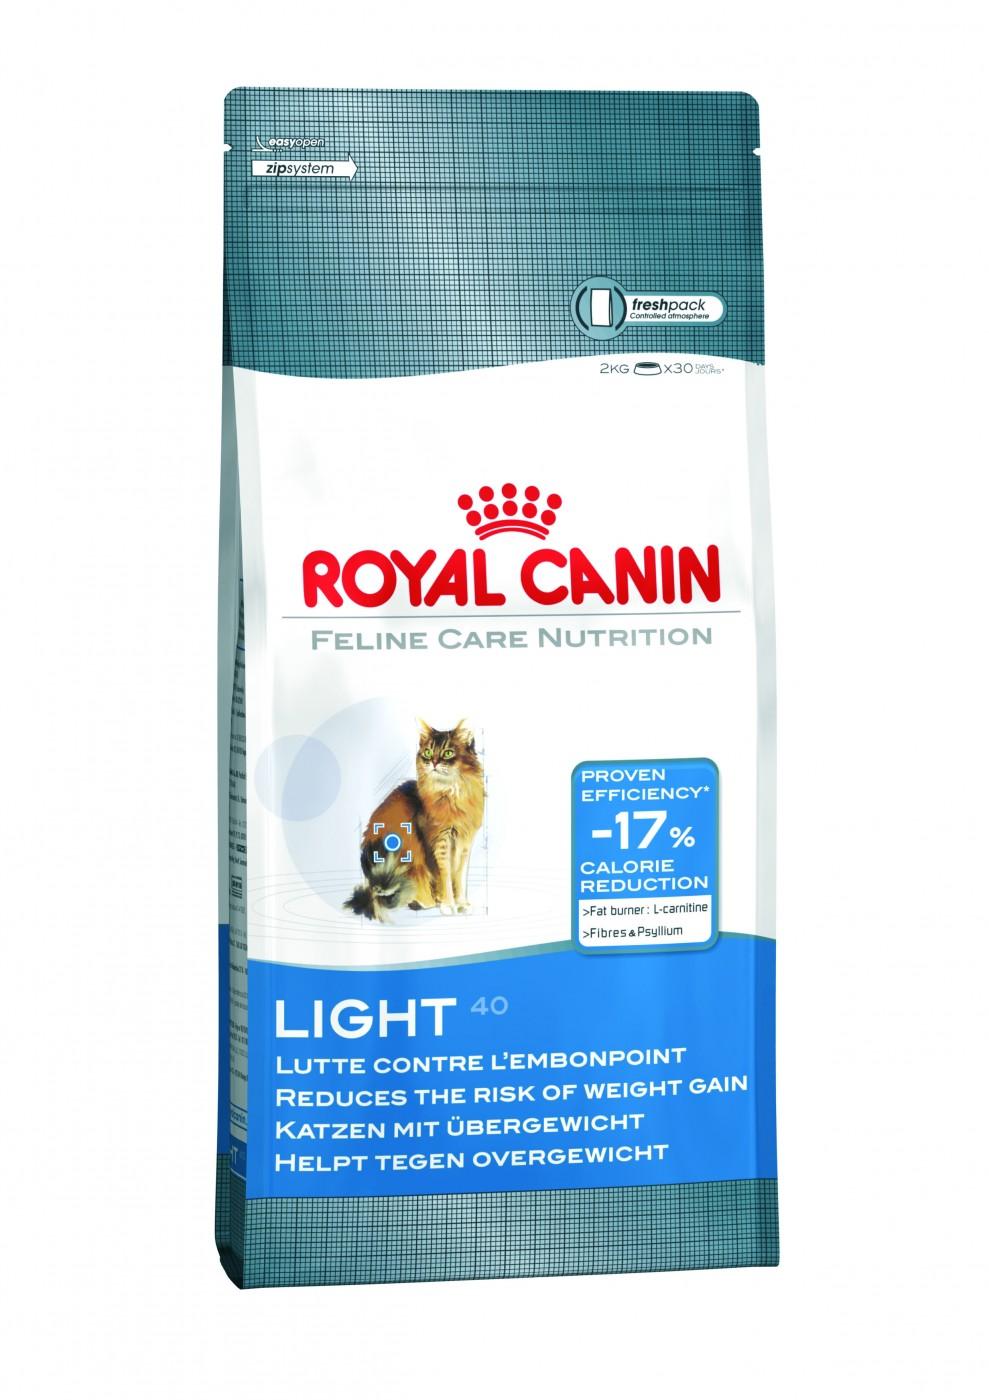 Royal Canin Light40 mit L-Carnitin | 400g Katzen Diätfutter